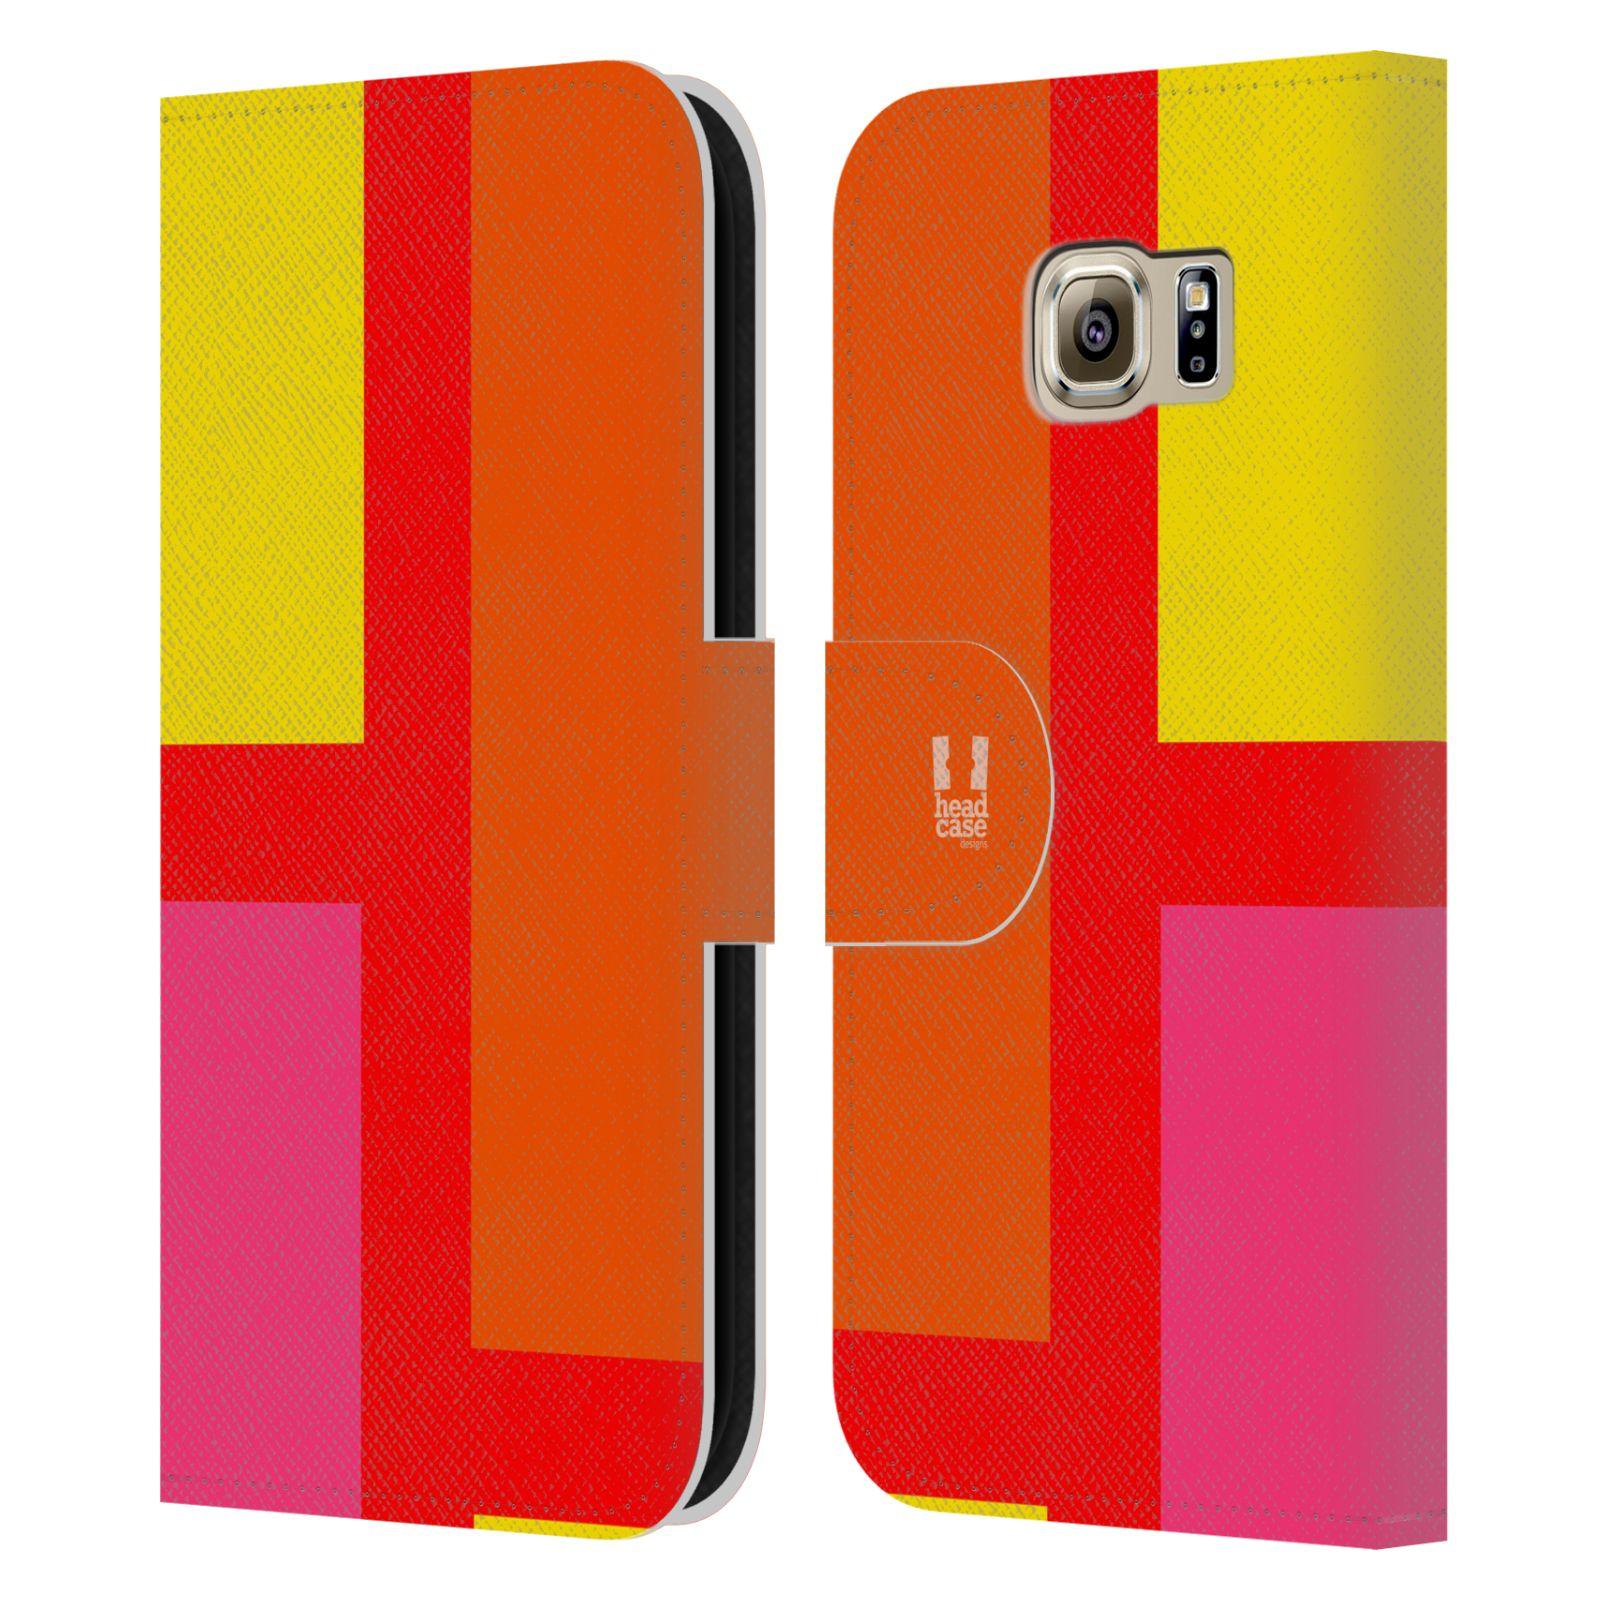 HEAD CASE Flipové pouzdro pro mobil Samsung Galaxy S6 barevné tvary oranžová ulice